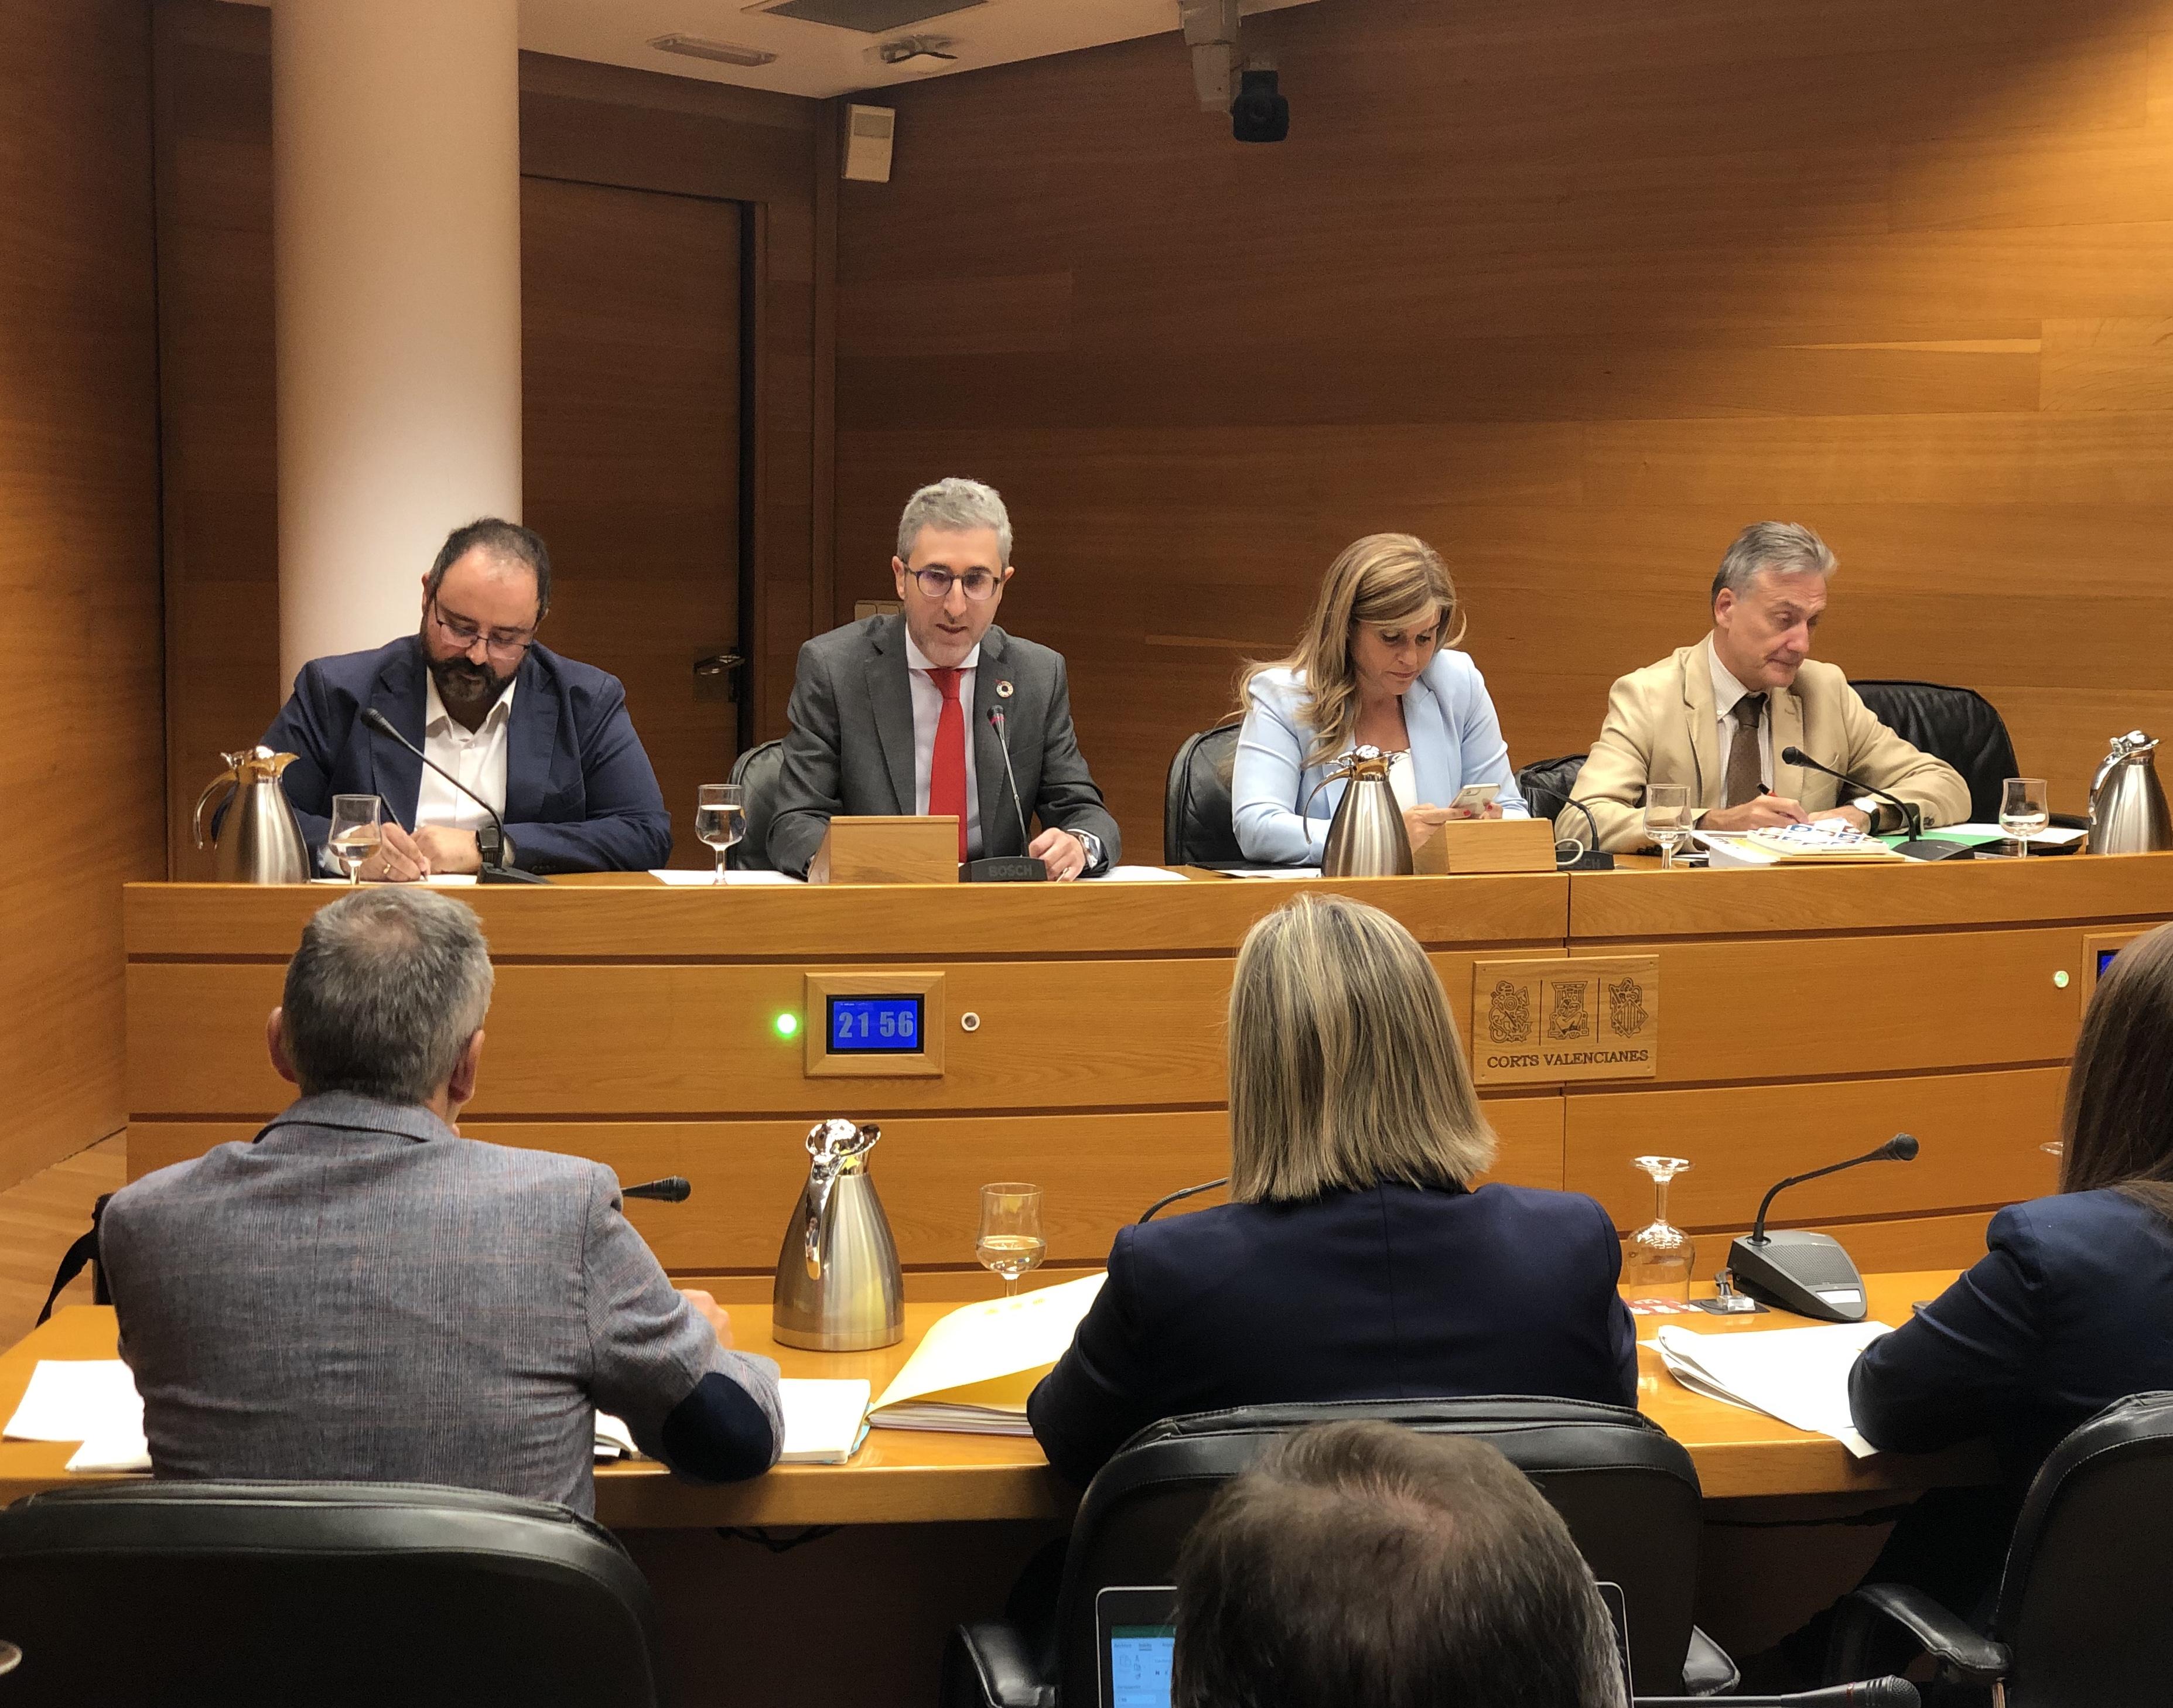 Arcadi España destaca la inversión de 149 millones de euros en infraestructuras públicas, un 5% más, para mejorar la red viaria autonómica y garan...